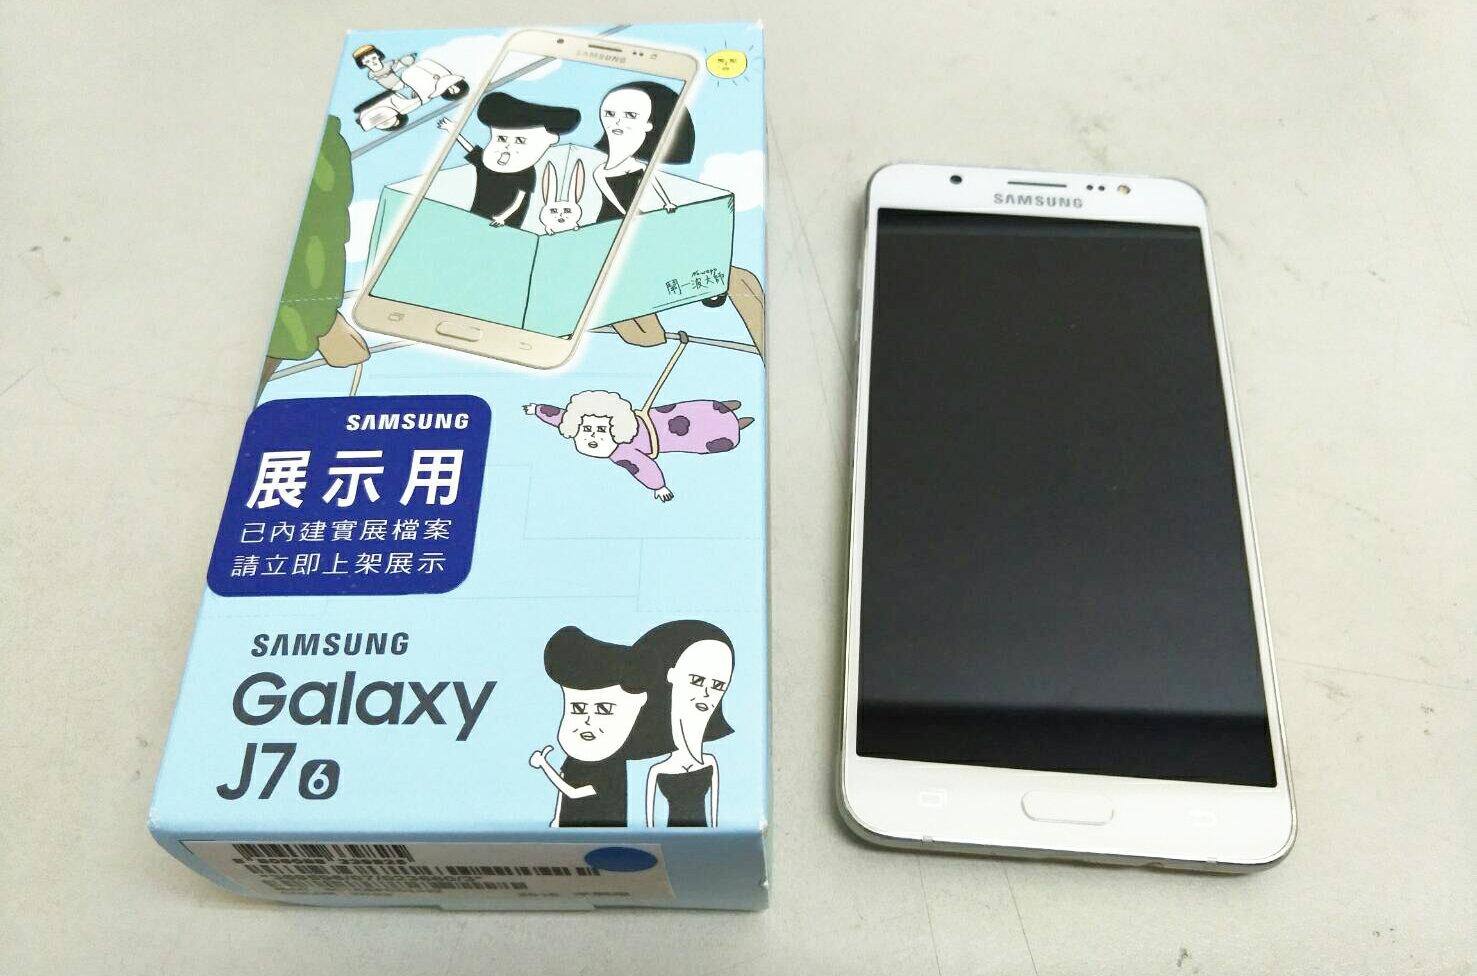 【TengYu騰宇 二聖 建工】福利機1※三星SAMSUNG GALAXY J7(2016) J710 盒裝 9成新 16GB 雙卡雙待 1,300 萬畫素(白色)